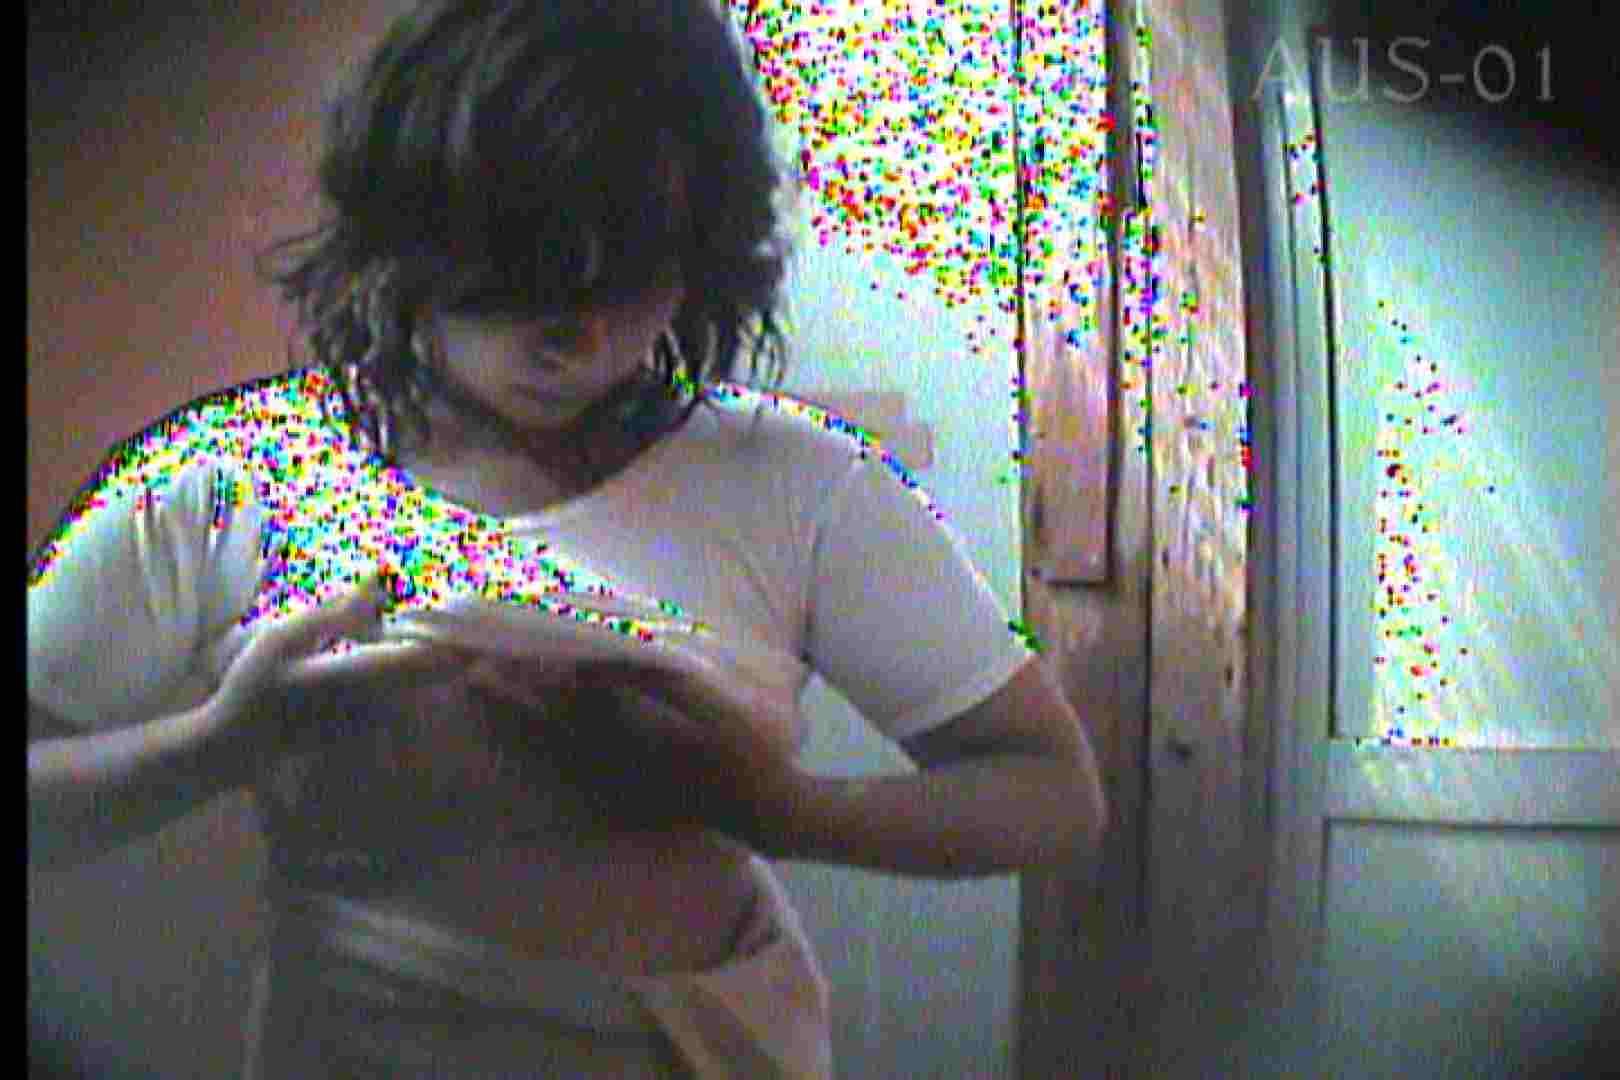 海の家の更衣室 Vol.03 ギャル達 すけべAV動画紹介 95枚 86